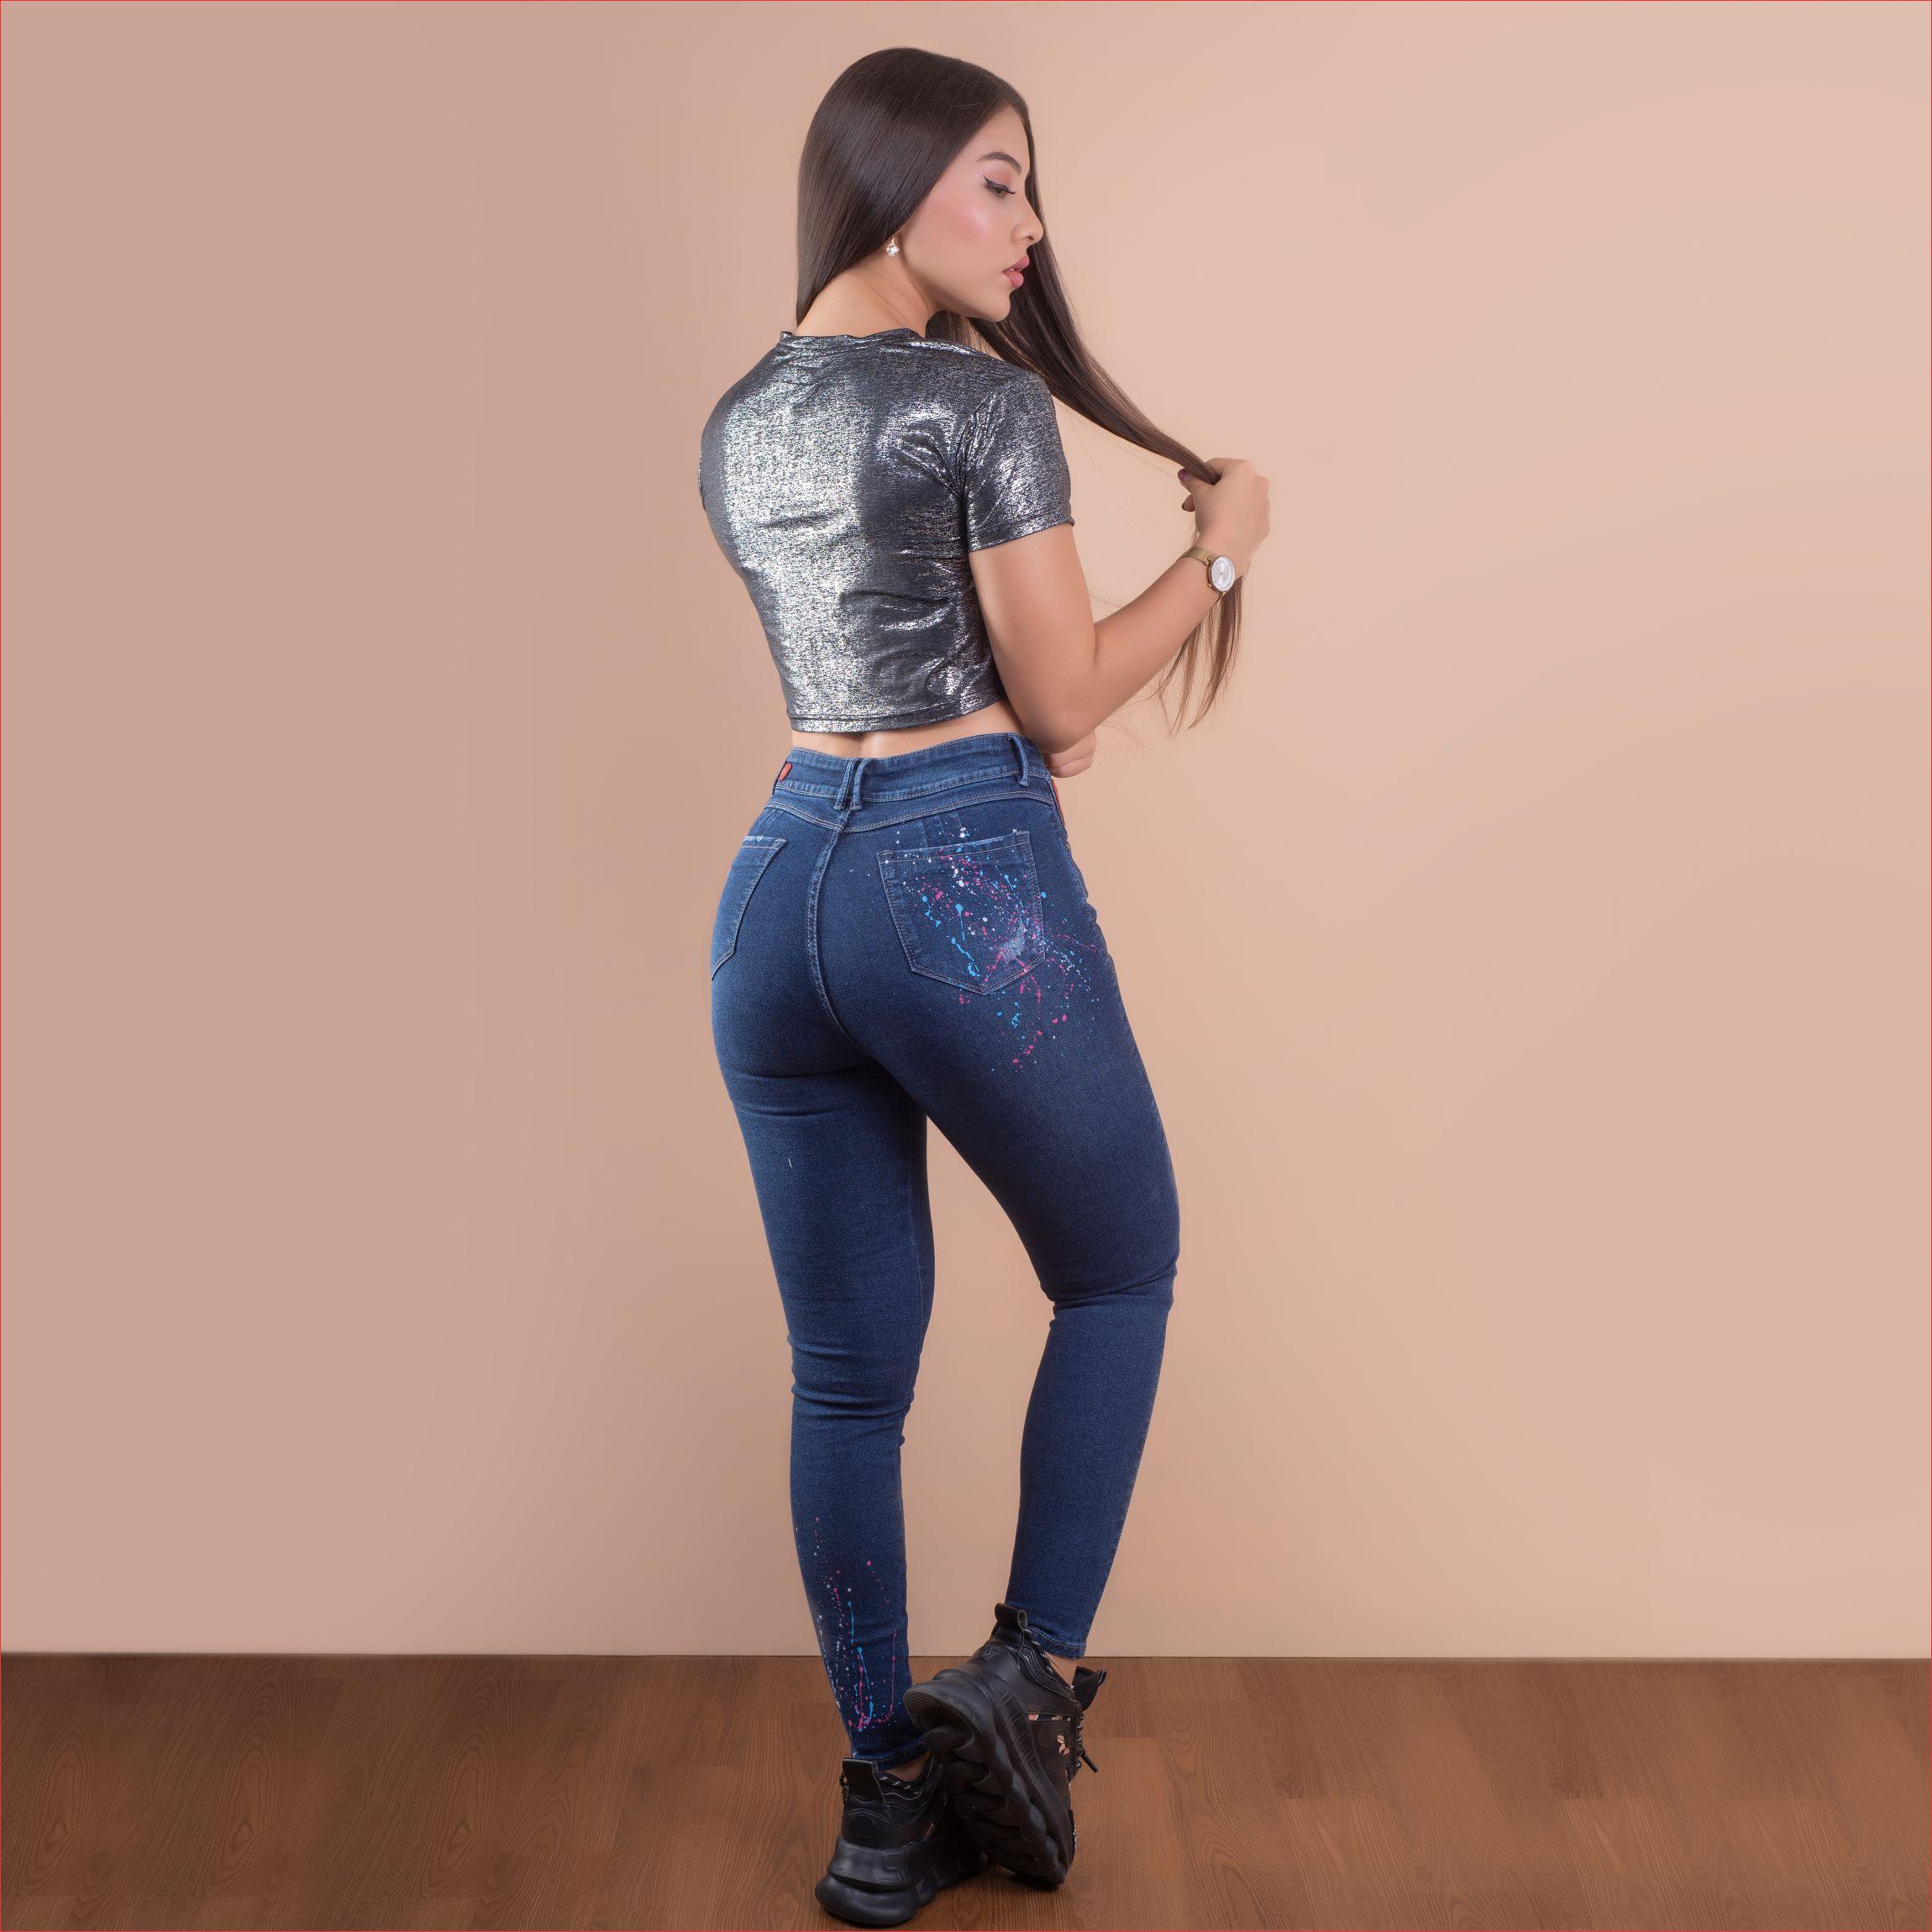 REF 1594 03 Jean azul con goteo rosado y azul, tela jean en algodon 98% + 2% expande. $80.000